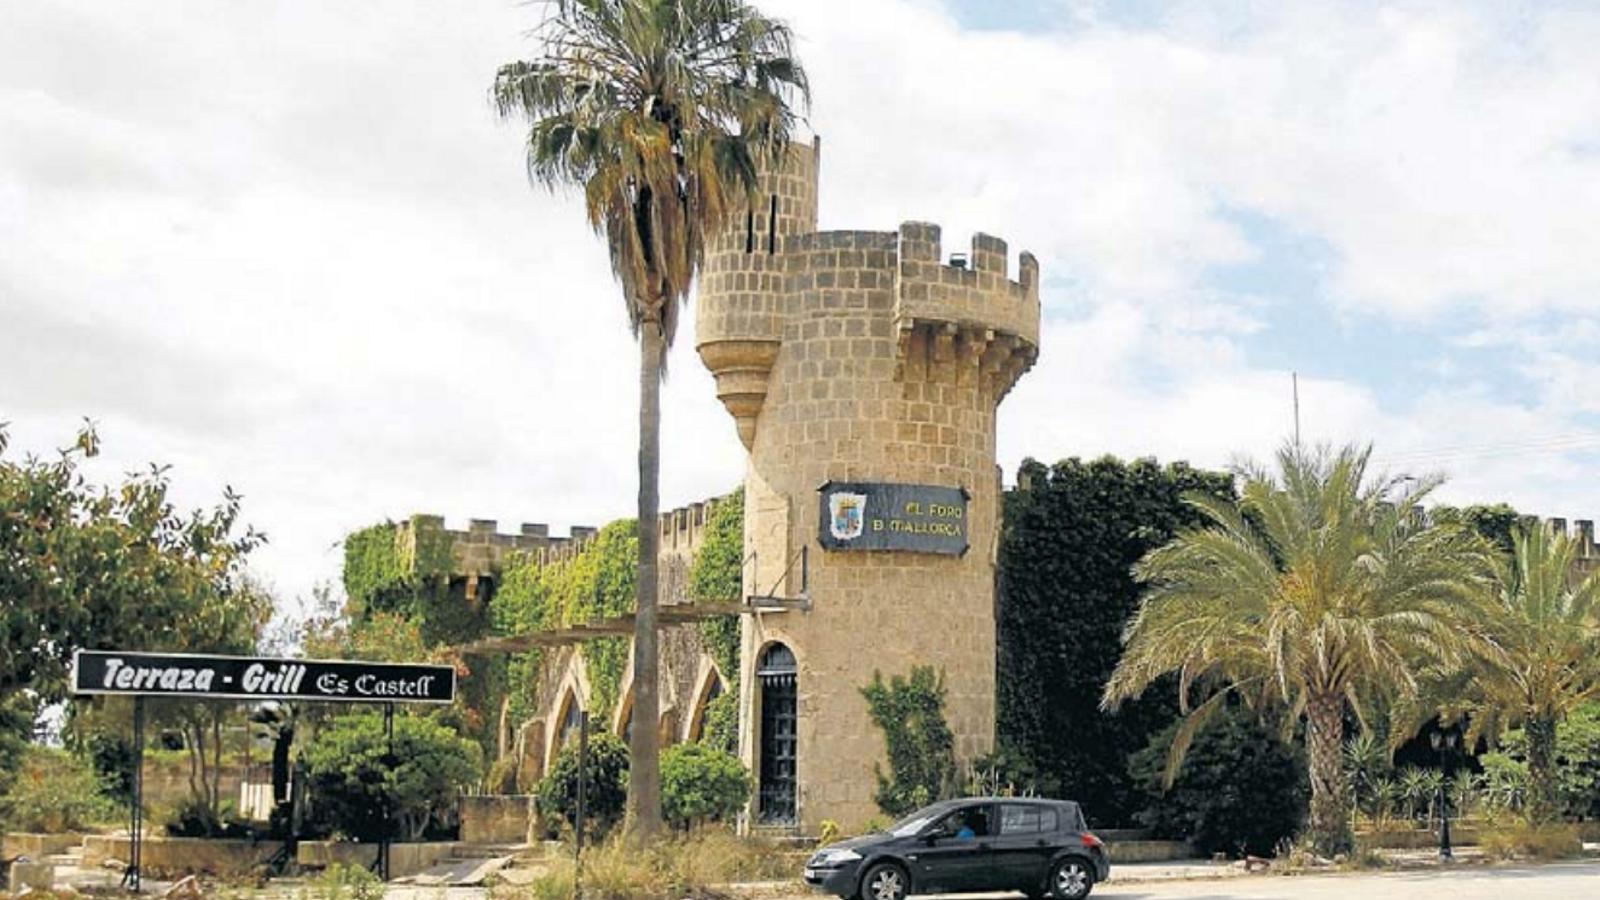 El Foro de Mallorca, obert a final dels cinquanta per l'empresari Miquel Llompart, va ser el precursor dels grans centres d'oci de Balears.